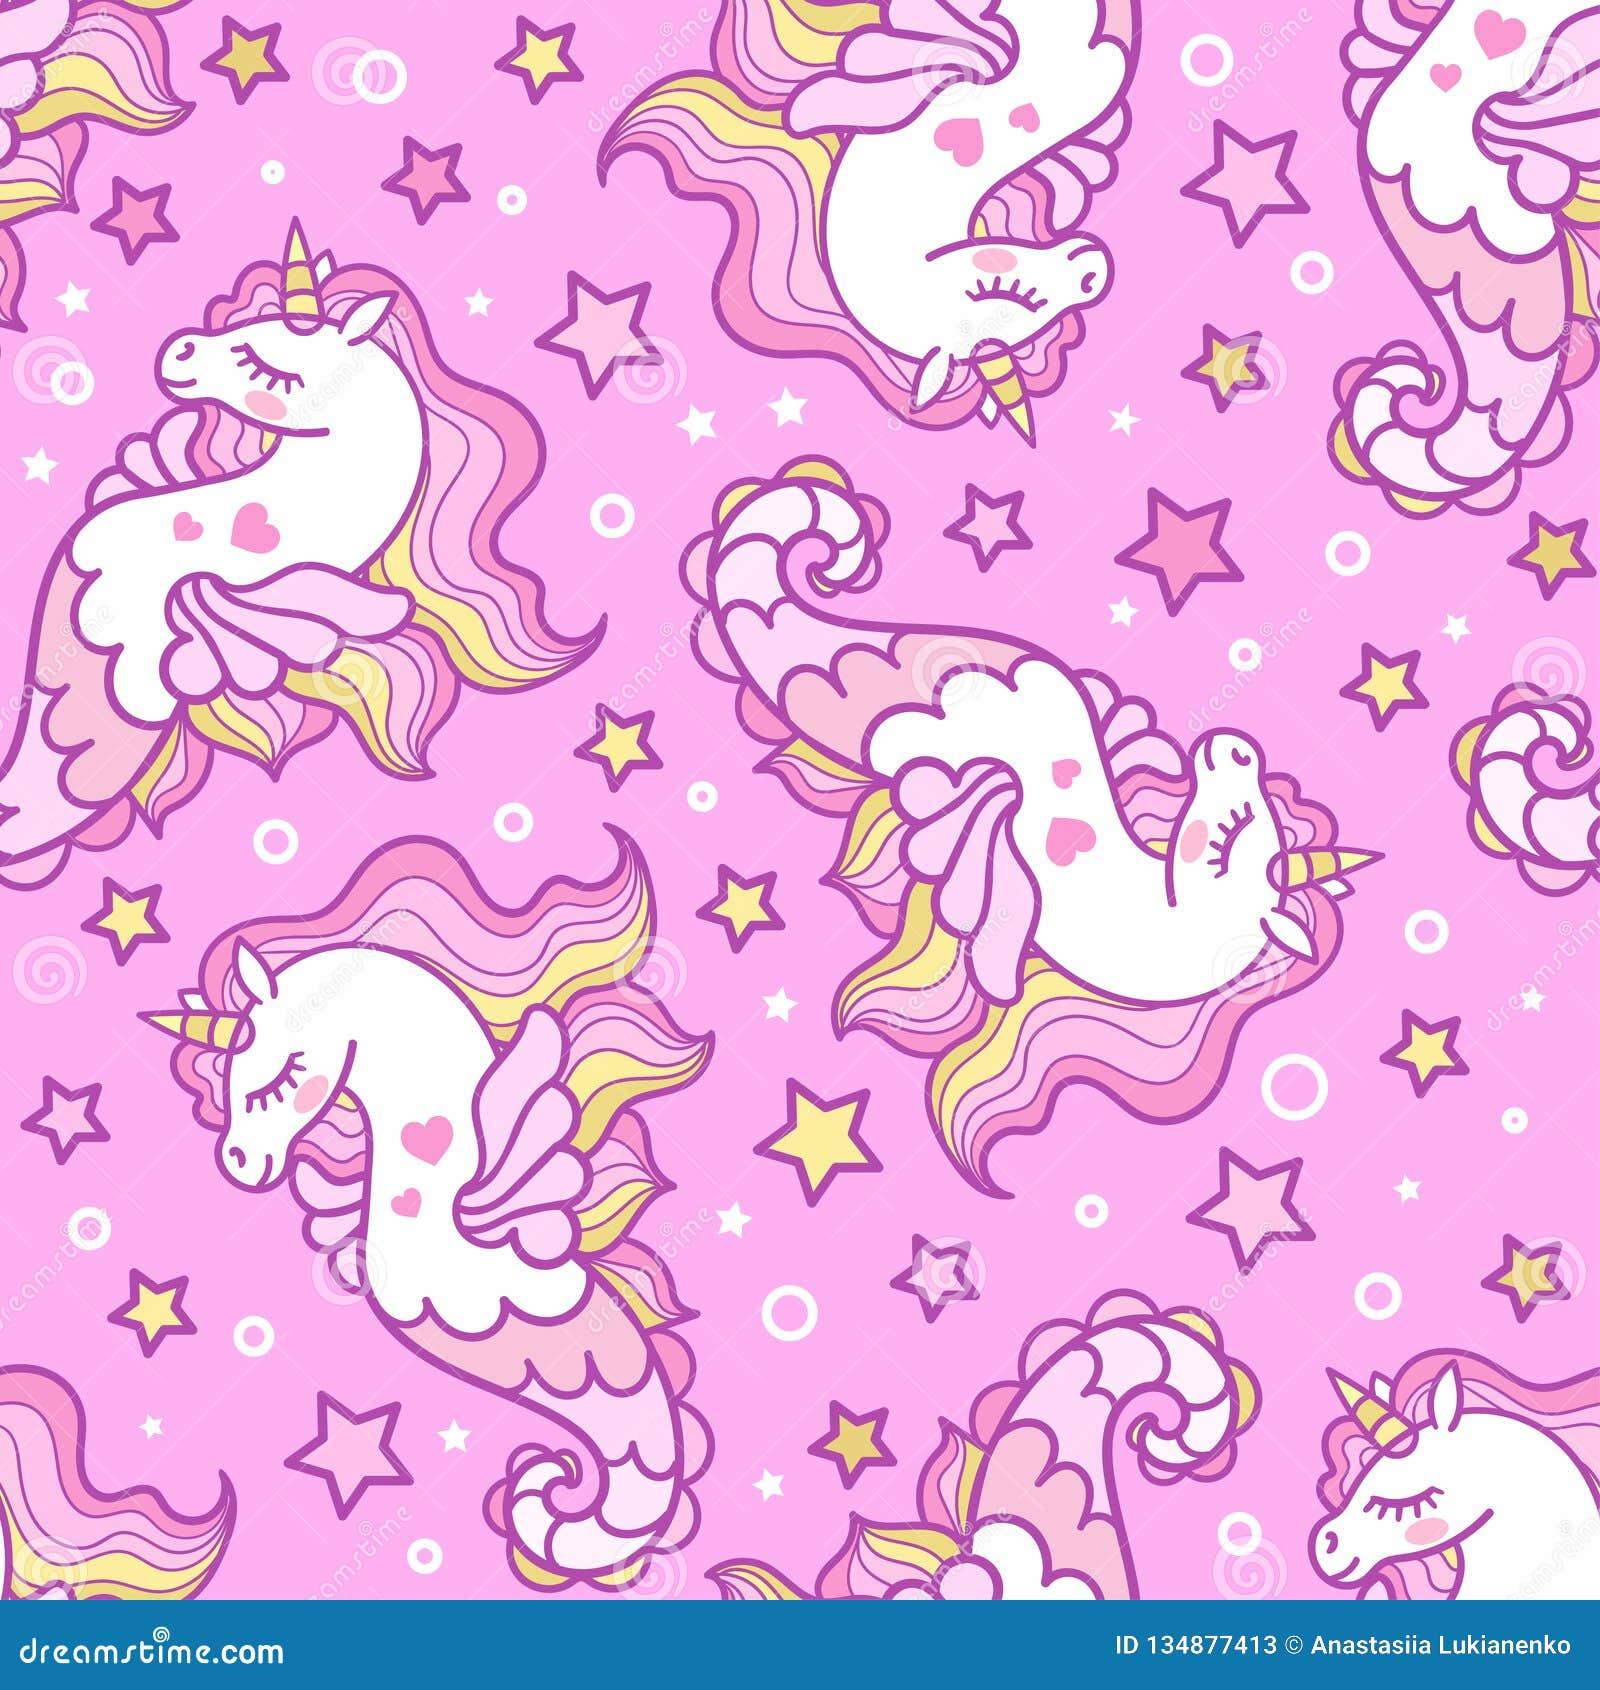 E unicorn Vector